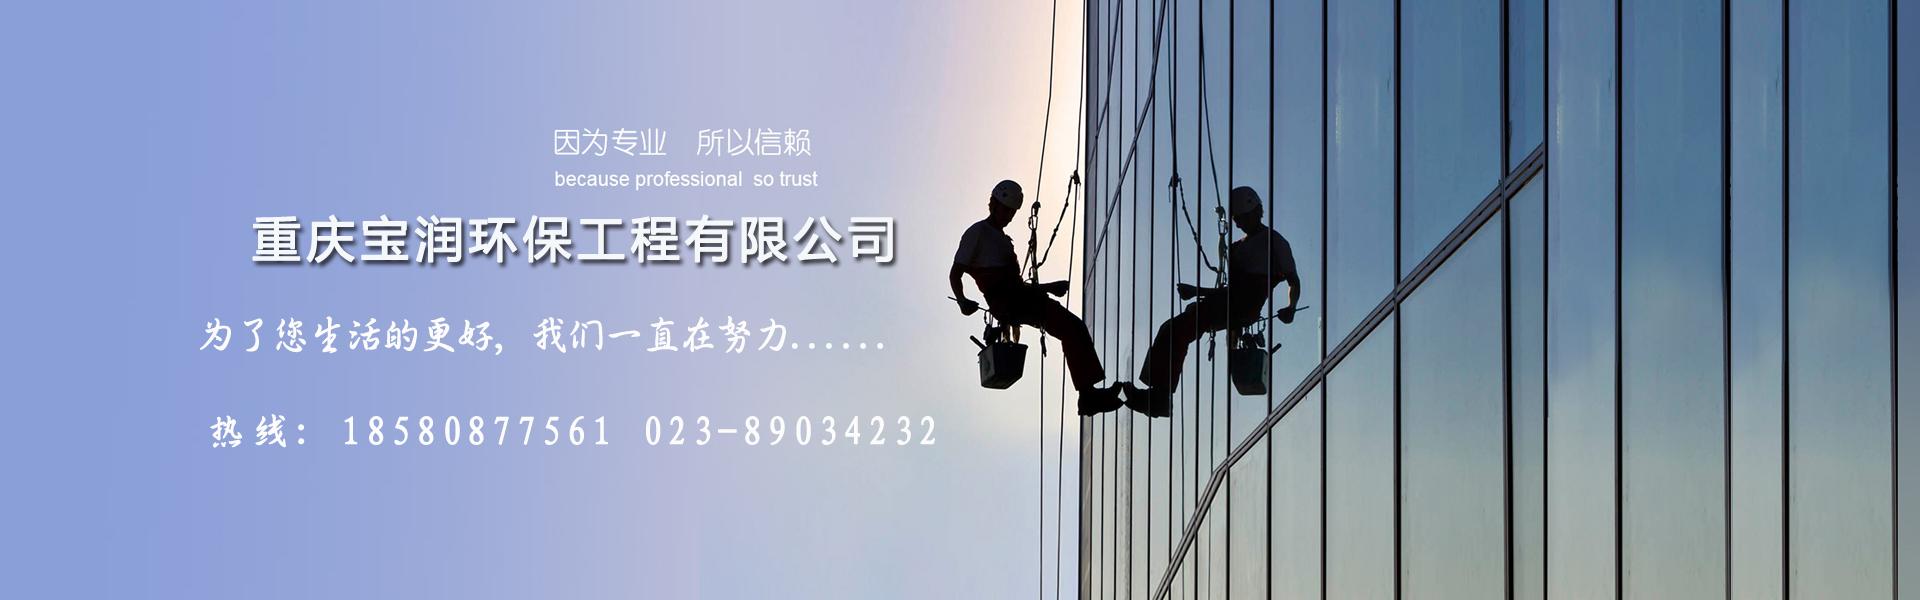 重庆宝润环保有限公司清洁服务公司banner宣传示例图